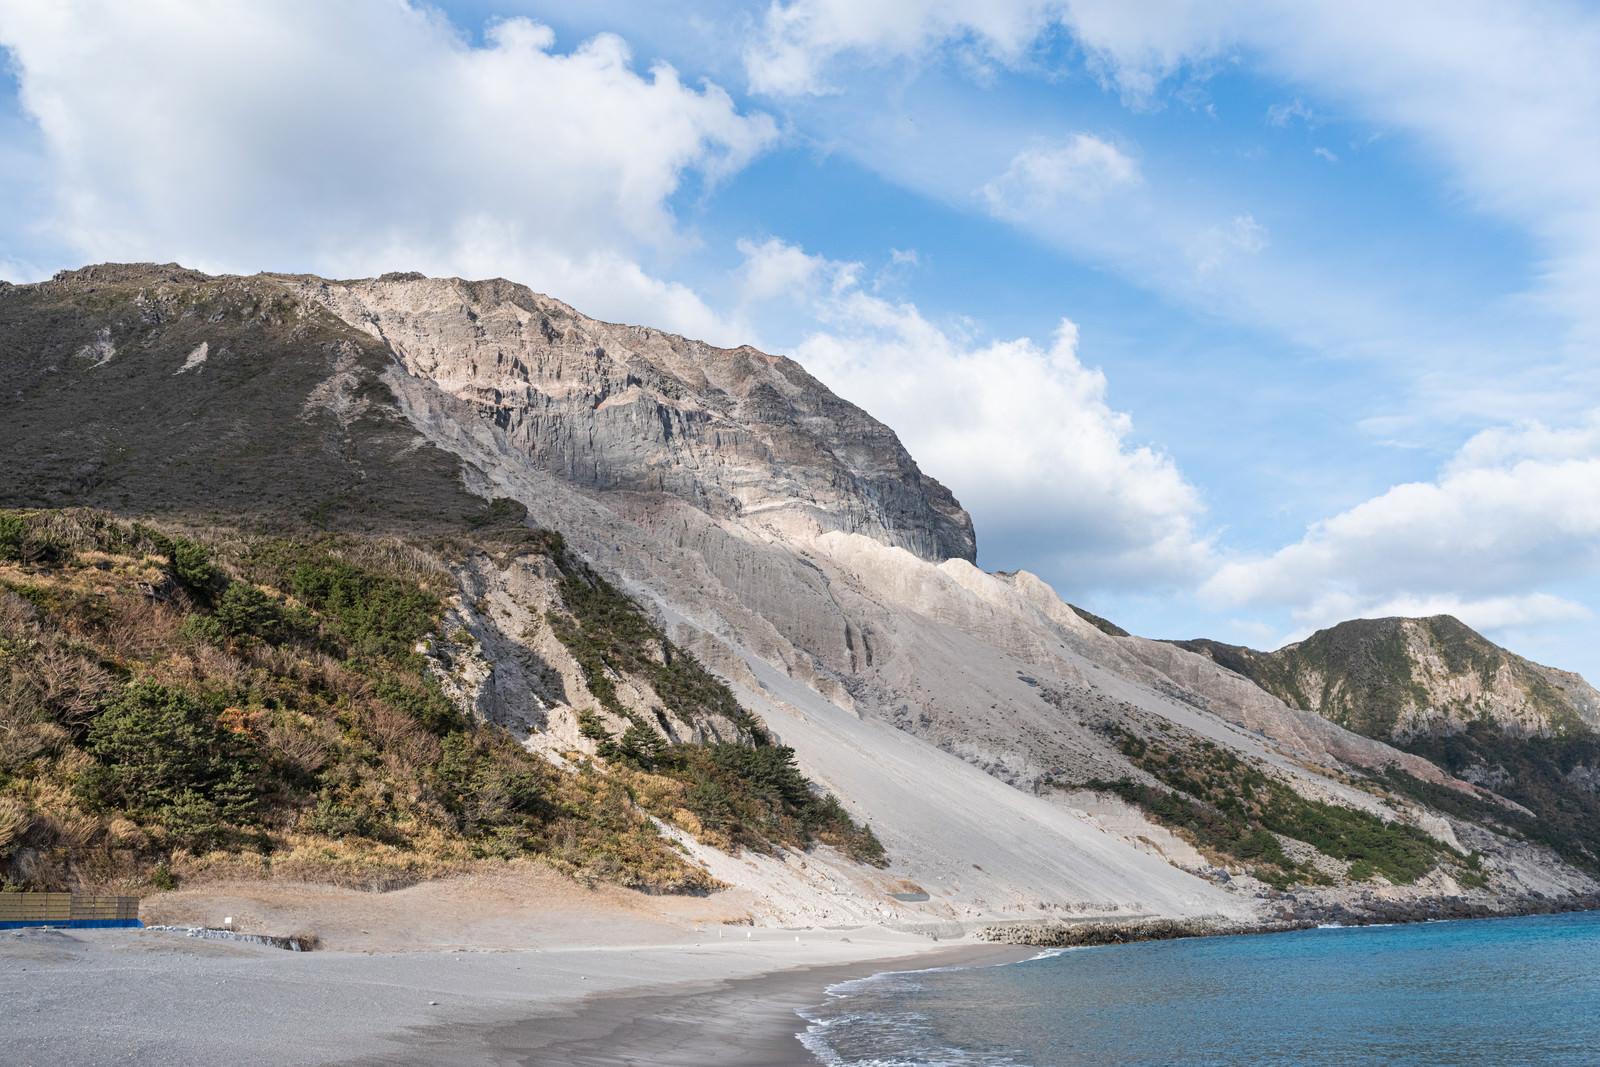 多幸湾海水浴場と崩れた山のフリー素材